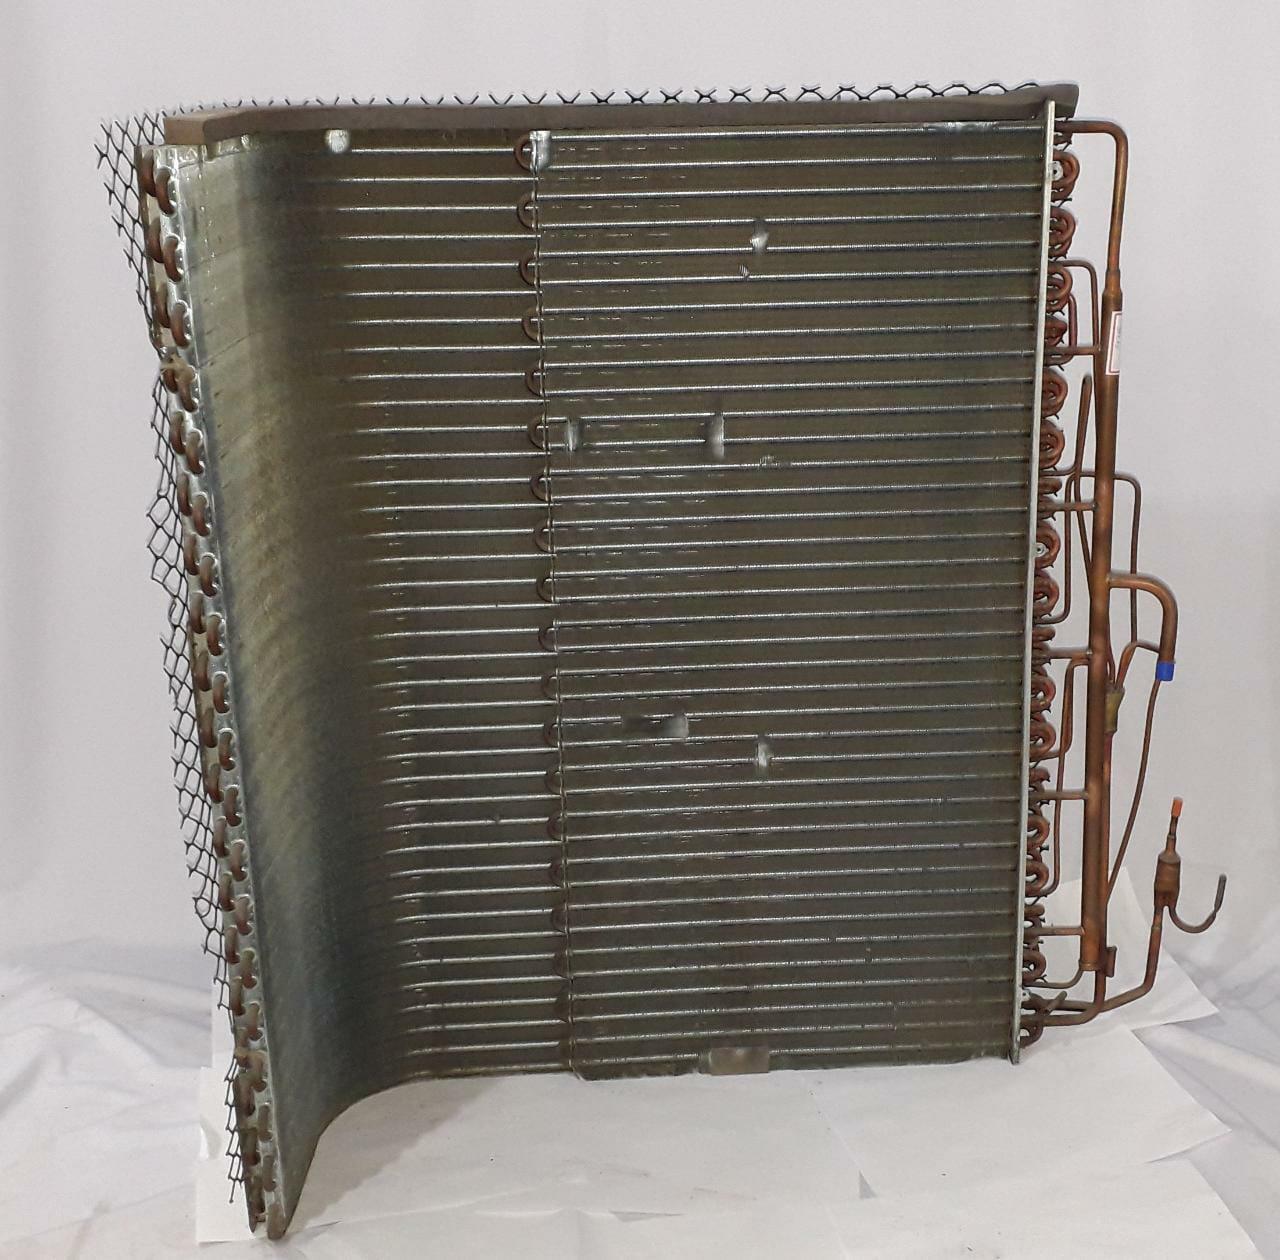 Serpentina de cobre condensadora Komeco 24.000 btus kos24fcg2 QF (USADO)